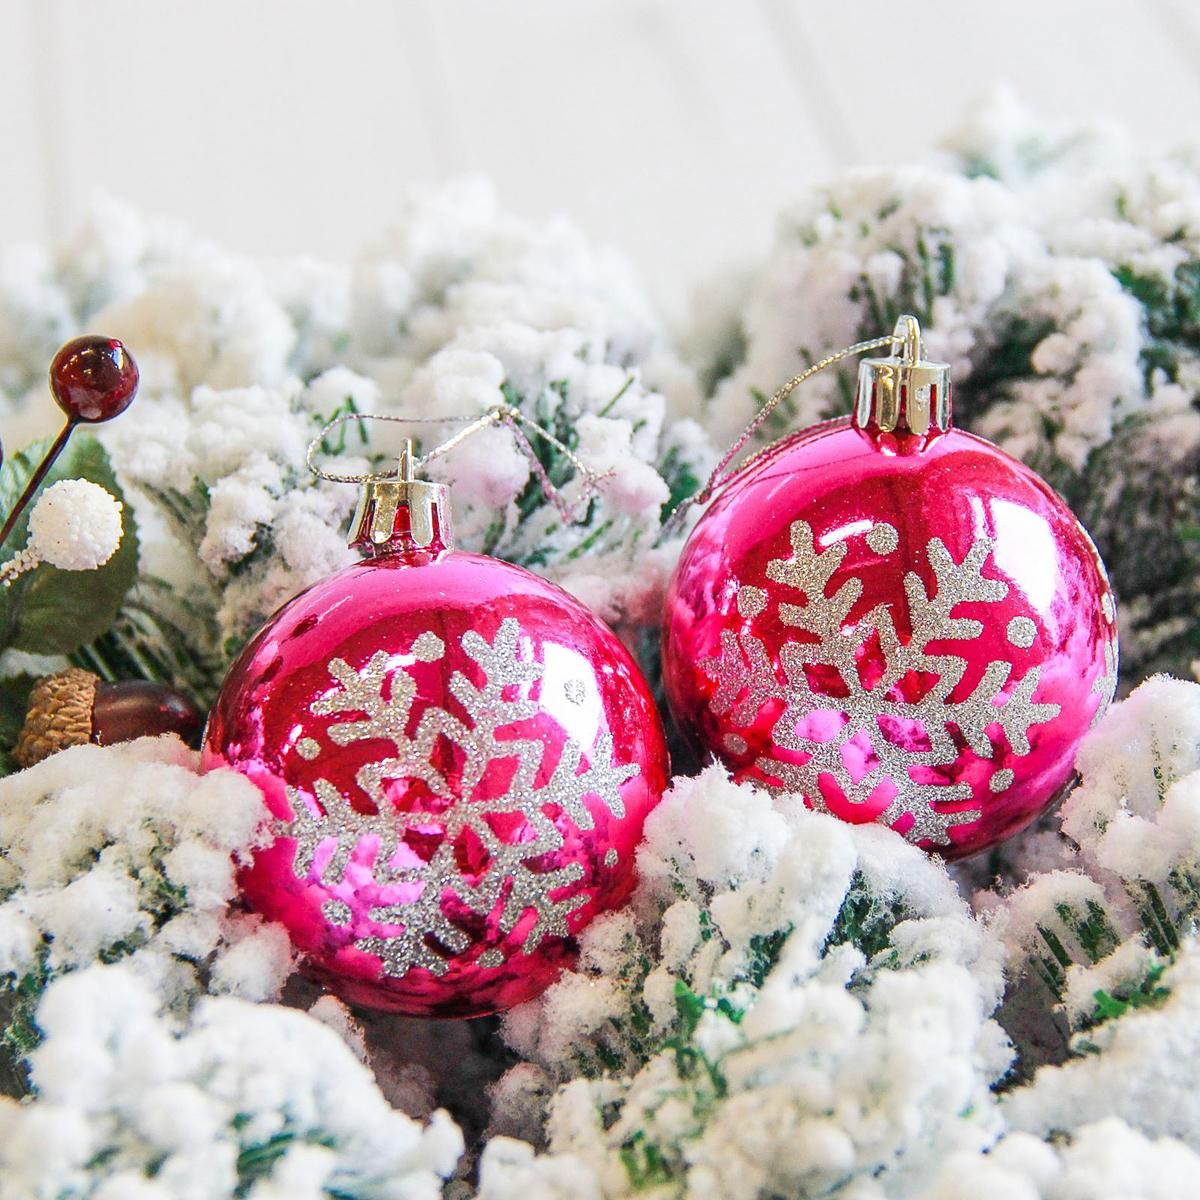 Набор новогодних подвесных украшений Sima-land Глянец. Снежинка, цвет: малиновый, диаметр 6 см, 6 шт2178177Невозможно представить нашу жизнь без праздников! Мы всегда ждём их и предвкушаем, обдумываем, как проведём памятный день, тщательно выбираем подарки и аксессуары, ведь именно они создают и поддерживают торжественный настрой.